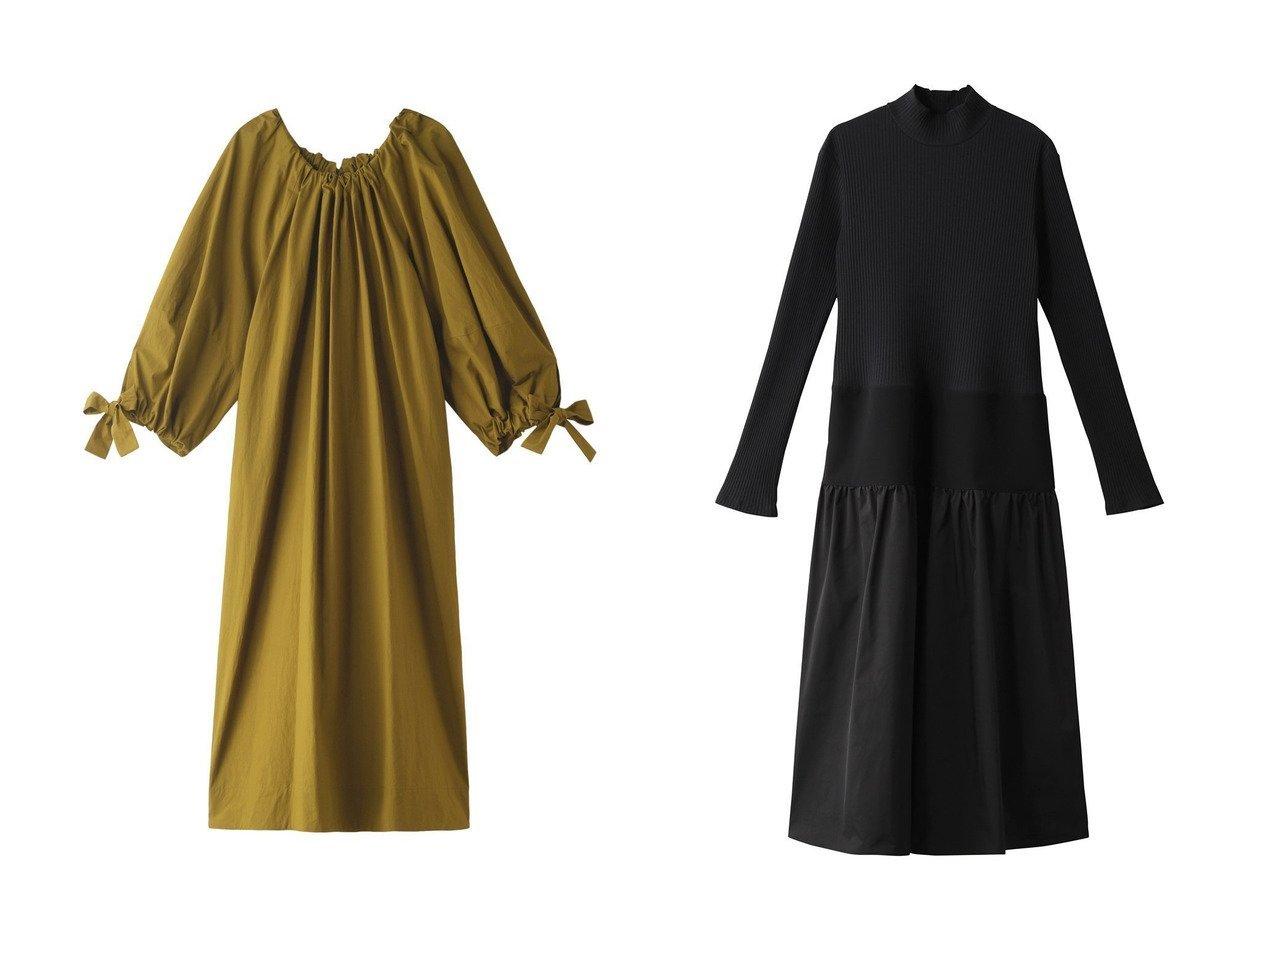 【nagonstans/ナゴンスタンス】のWashedタイプライター スモックドレス&【LE CIEL BLEU/ルシェル ブルー】のコンストラクティングファブリックドレス 【ワンピース・ドレス】おすすめ!人気、トレンド・レディースファッションの通販 おすすめで人気の流行・トレンド、ファッションの通販商品 メンズファッション・キッズファッション・インテリア・家具・レディースファッション・服の通販 founy(ファニー) https://founy.com/ ファッション Fashion レディースファッション WOMEN ワンピース Dress ドレス Party Dresses スモック タイプライター ドレス リボン ロング A/W・秋冬 AW・Autumn/Winter・FW・Fall-Winter エレガント シンプル スリム パターン パーティ  ID:crp329100000035545